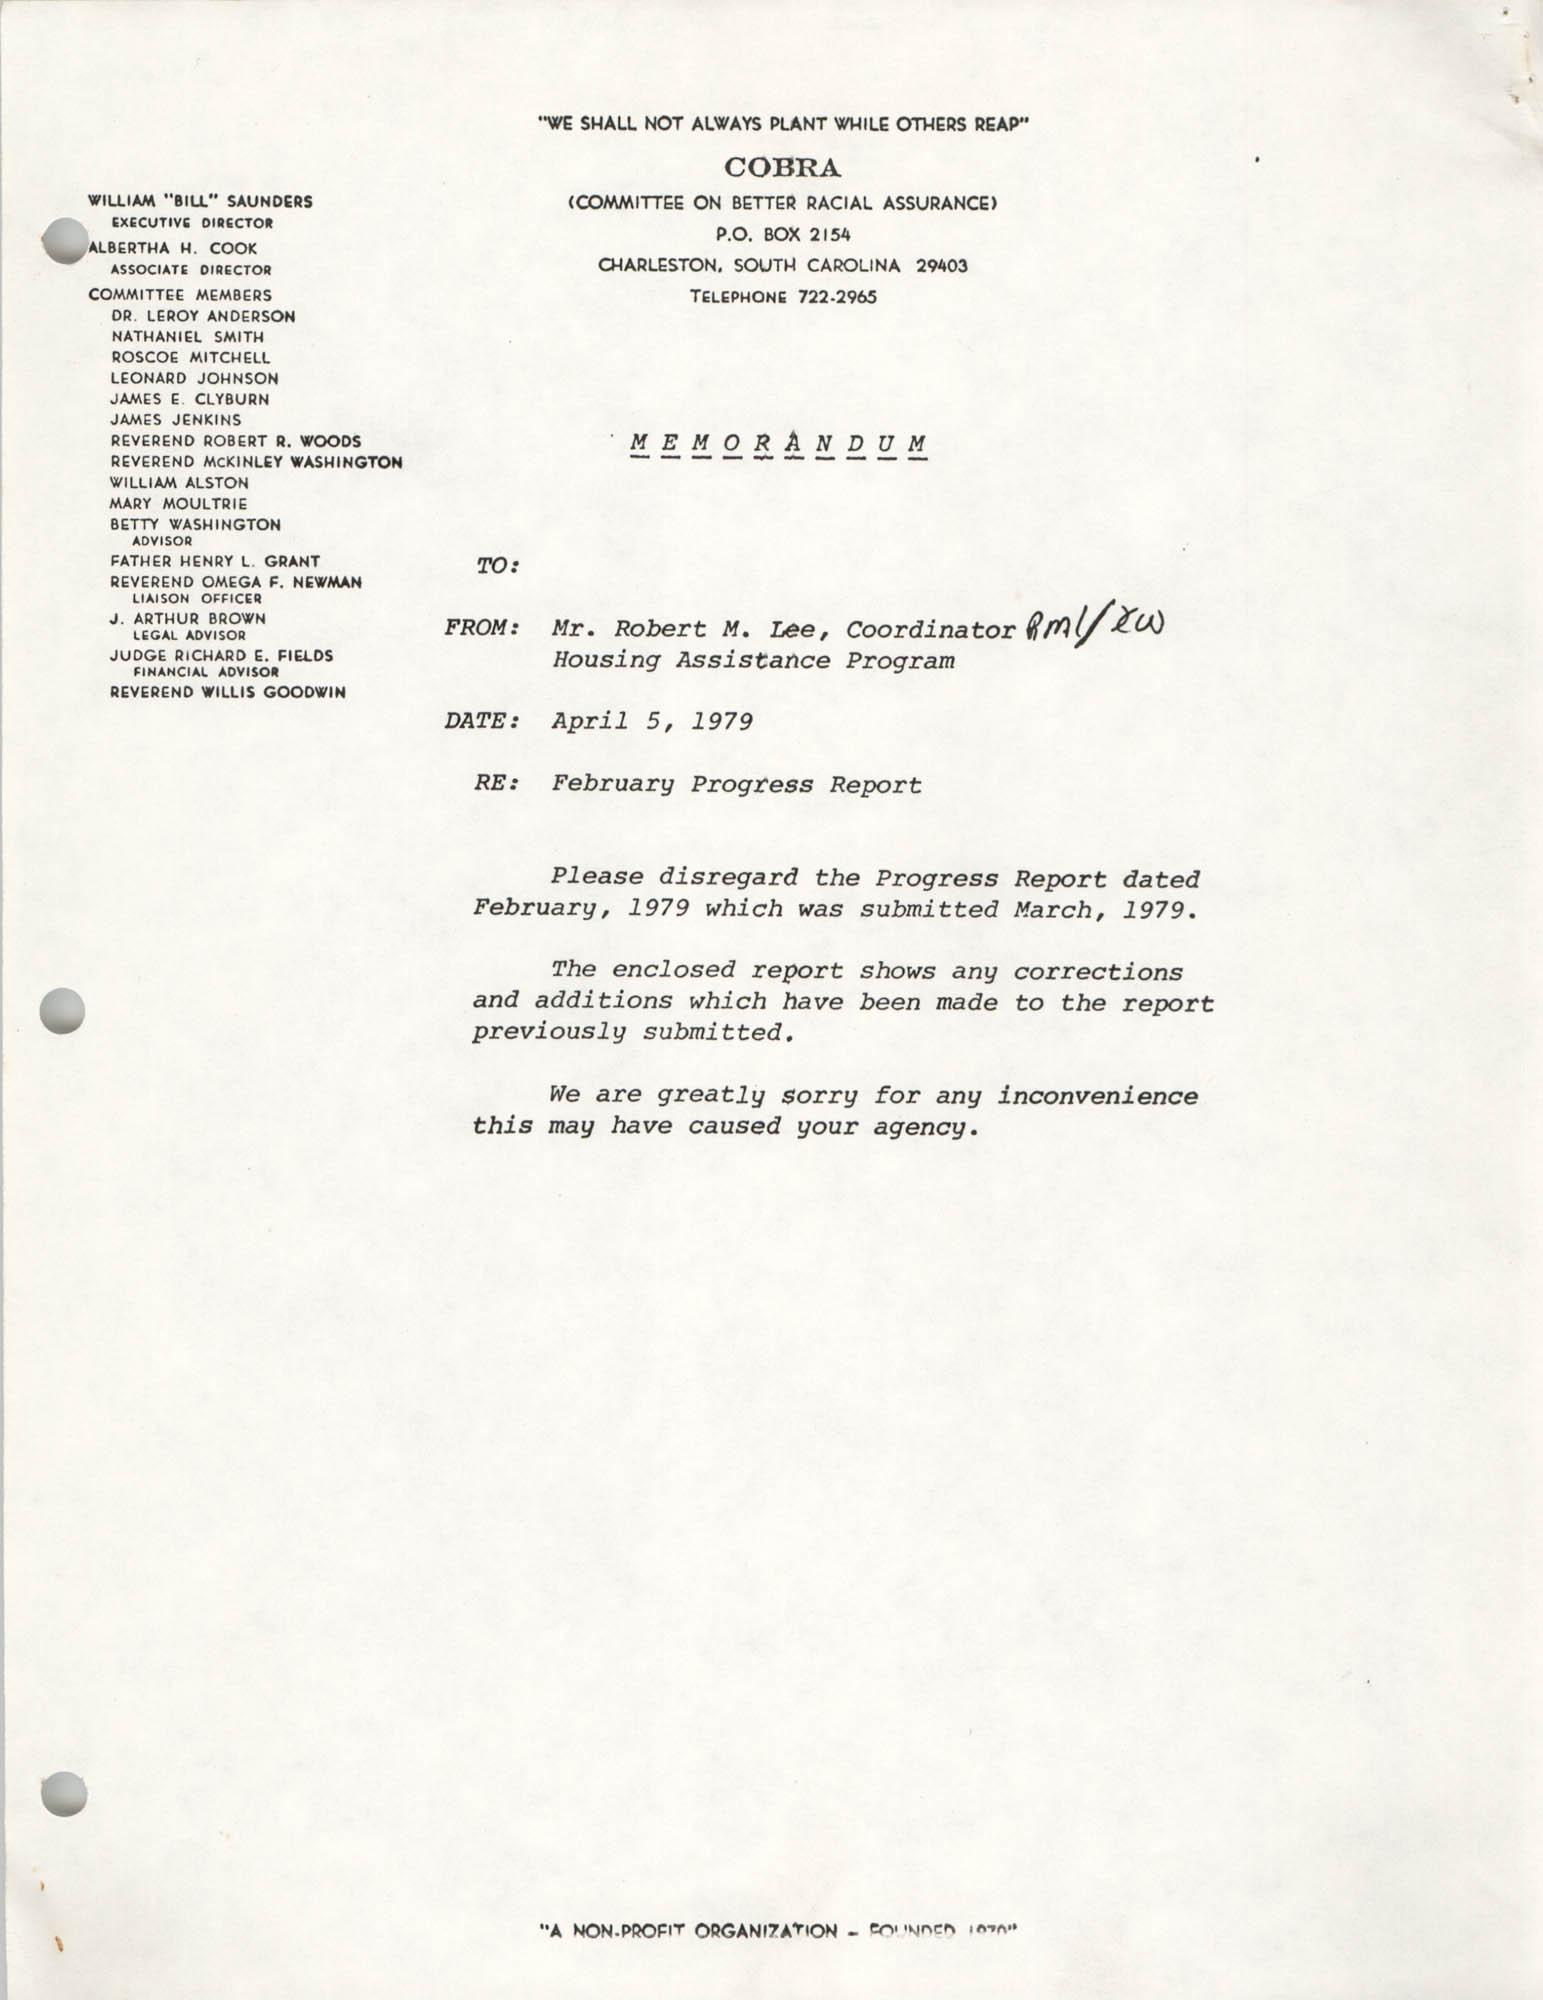 COBRA Memorandum, April 5, 1979